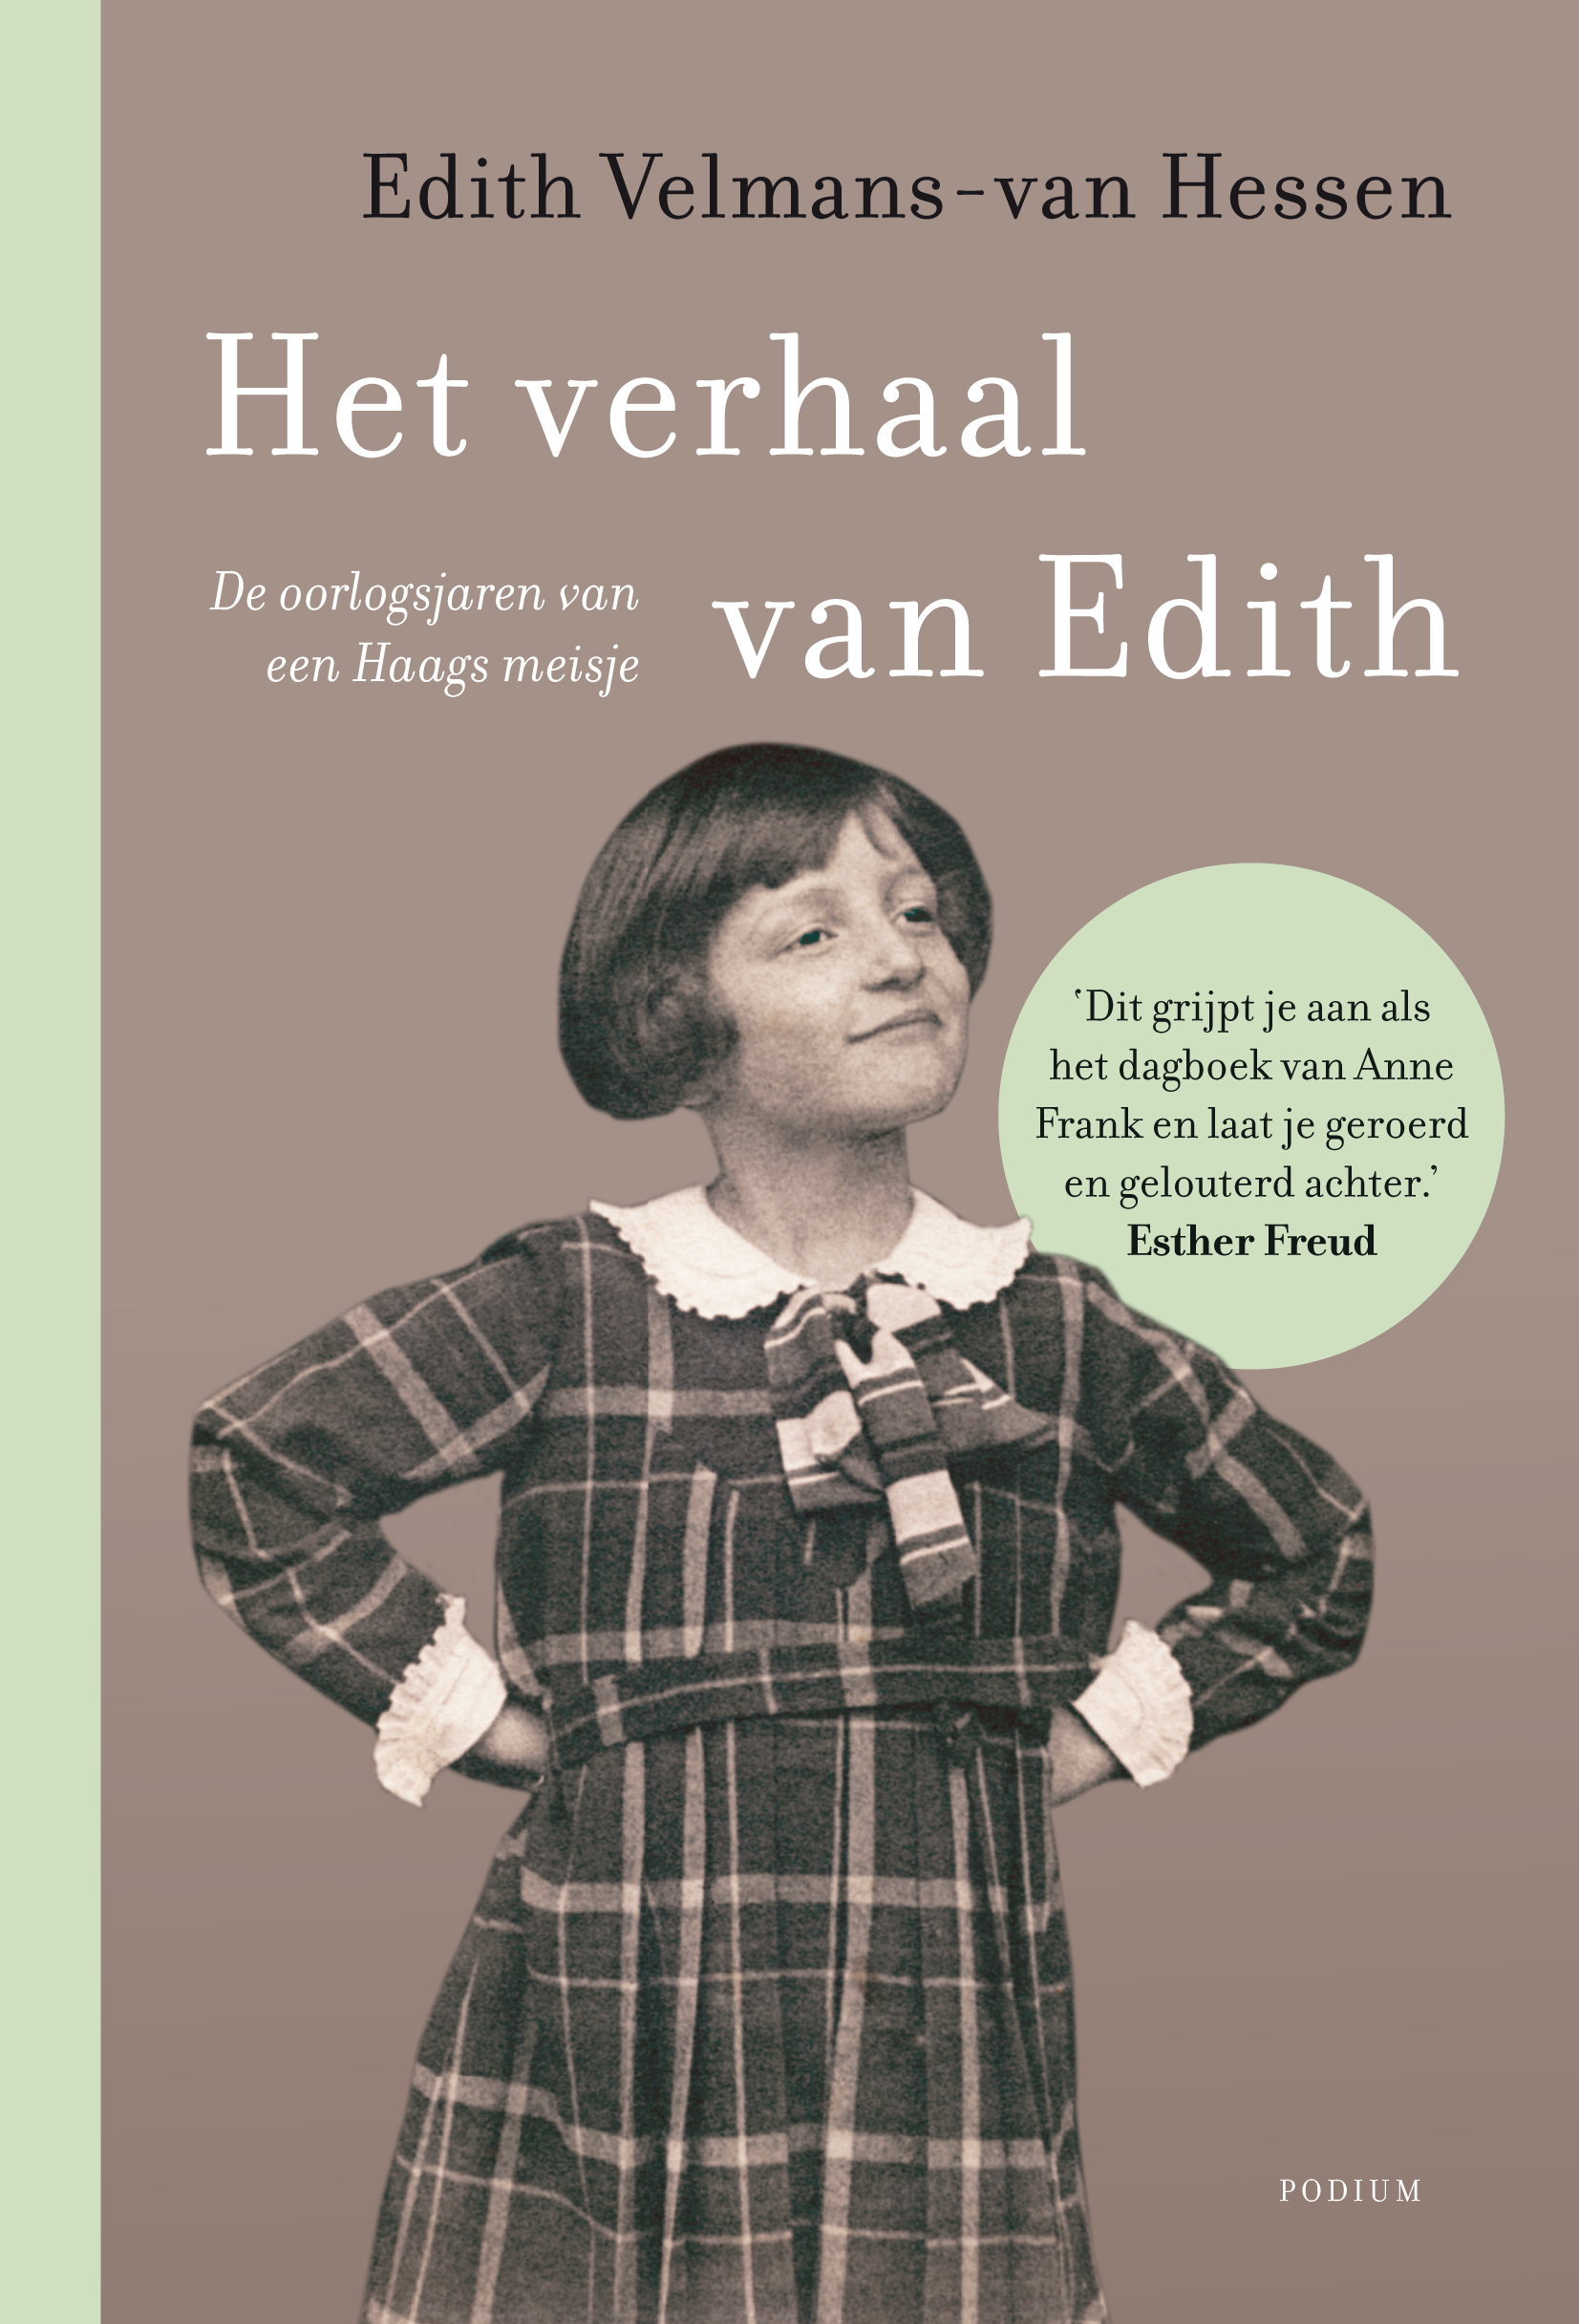 Het verhaal van Edith - boekendlits.nl